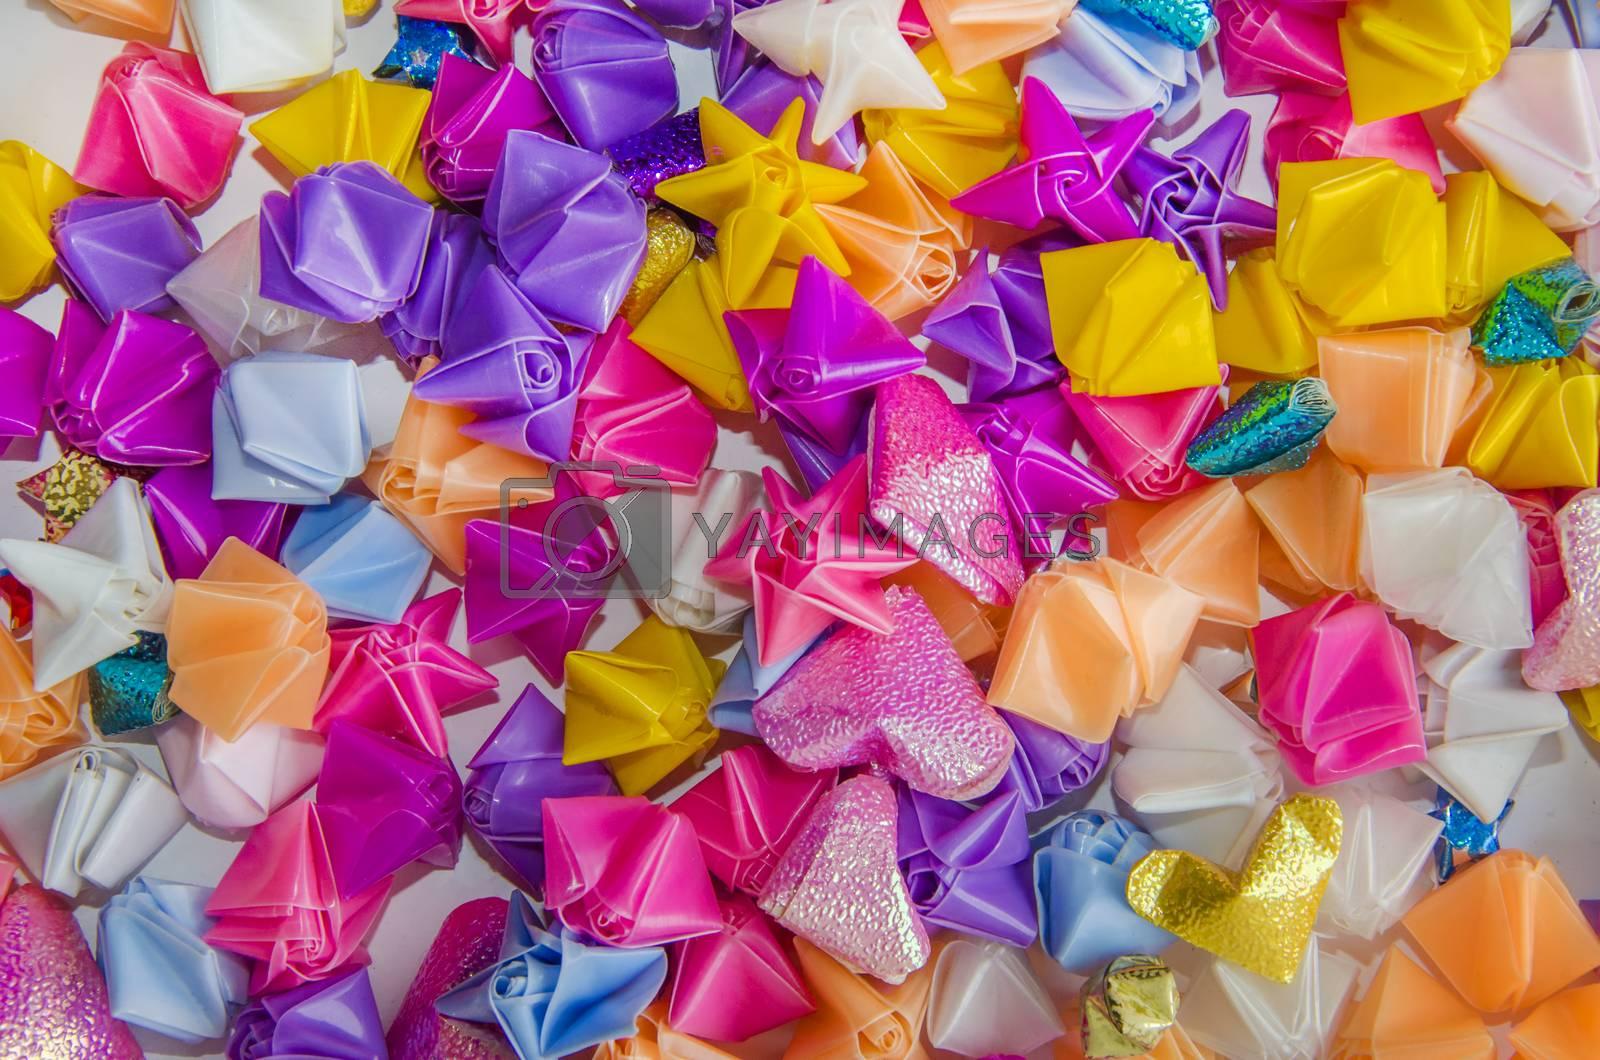 a plastic star